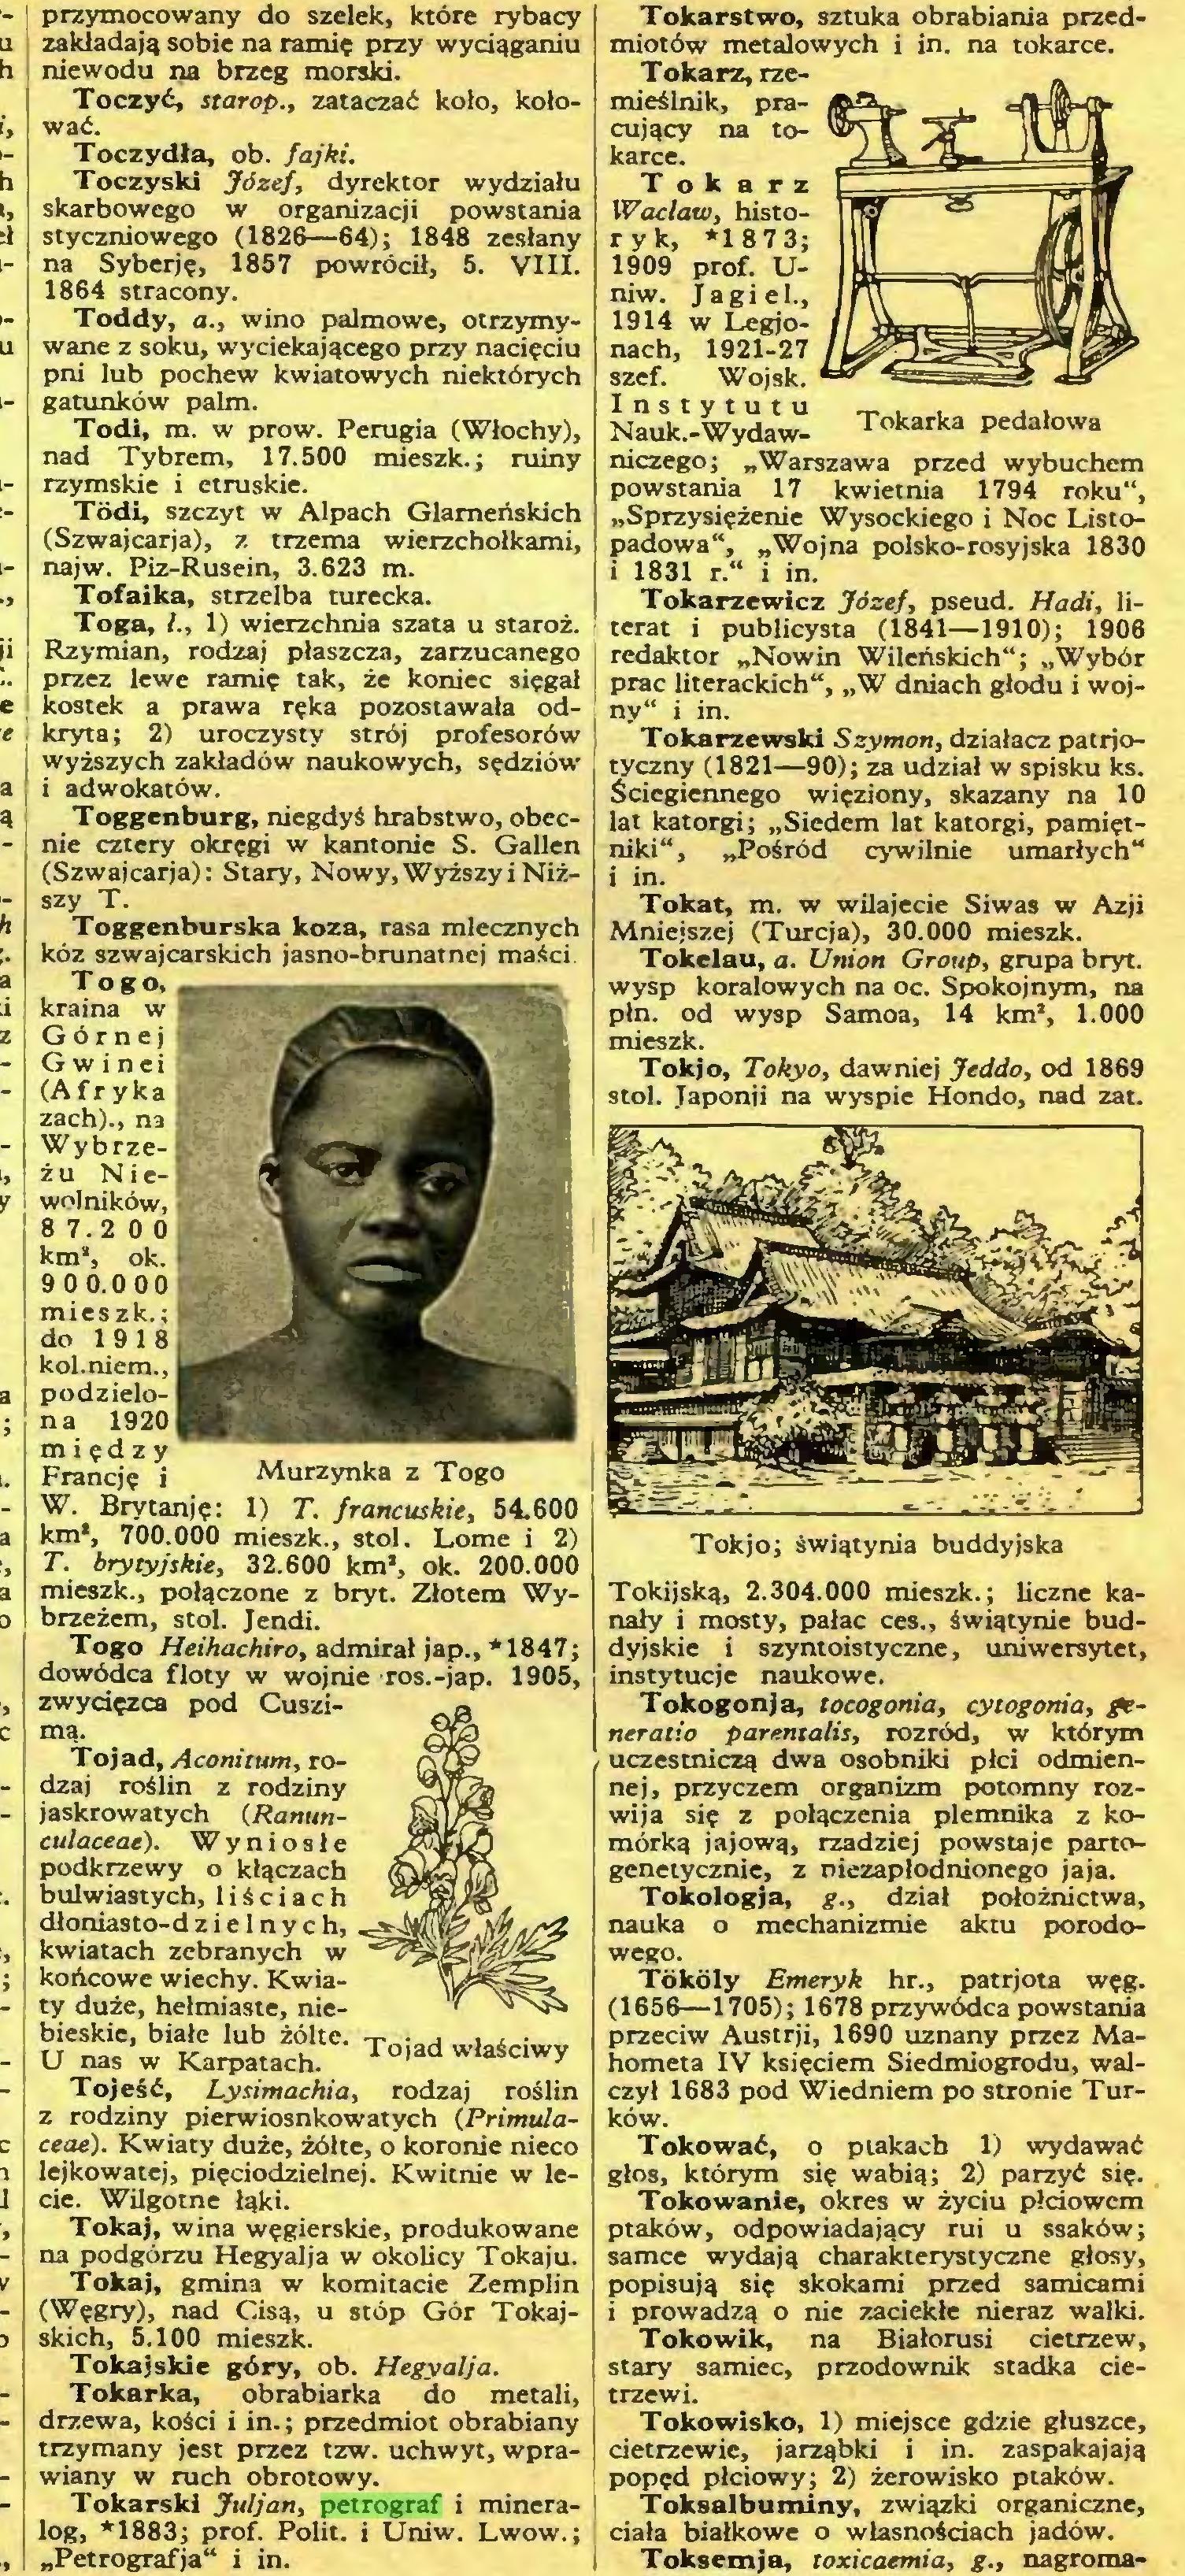 """(...) Tokarski Juljan, petrograf i mineralog, *1883; prof. Polit. i Uniw. Lwów.; """"Petrografja"""" i in. Tokarstwo, sztuka obrabiania przedmiotów metalowych i in. na tokarce..."""